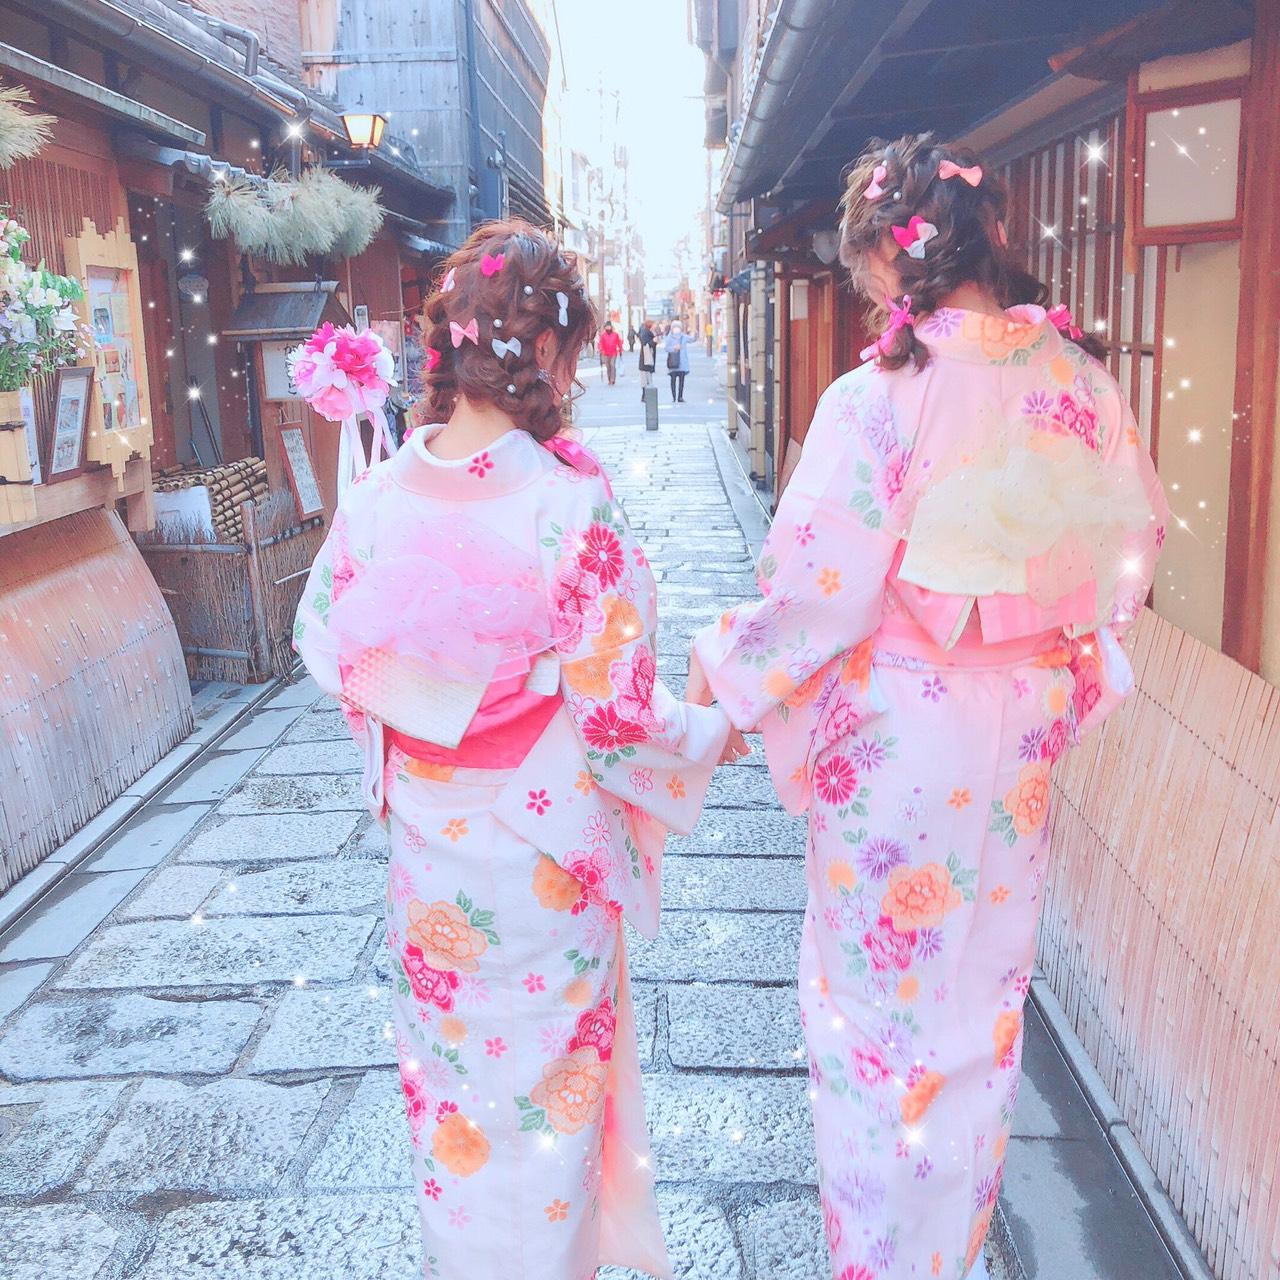 京都で着物・浴衣レンタルなら、人と差がつく可愛さの 『京都祇園屋』と『梨花和服』がおすすめ! シルバーウィークの京都女子旅にも♪_2